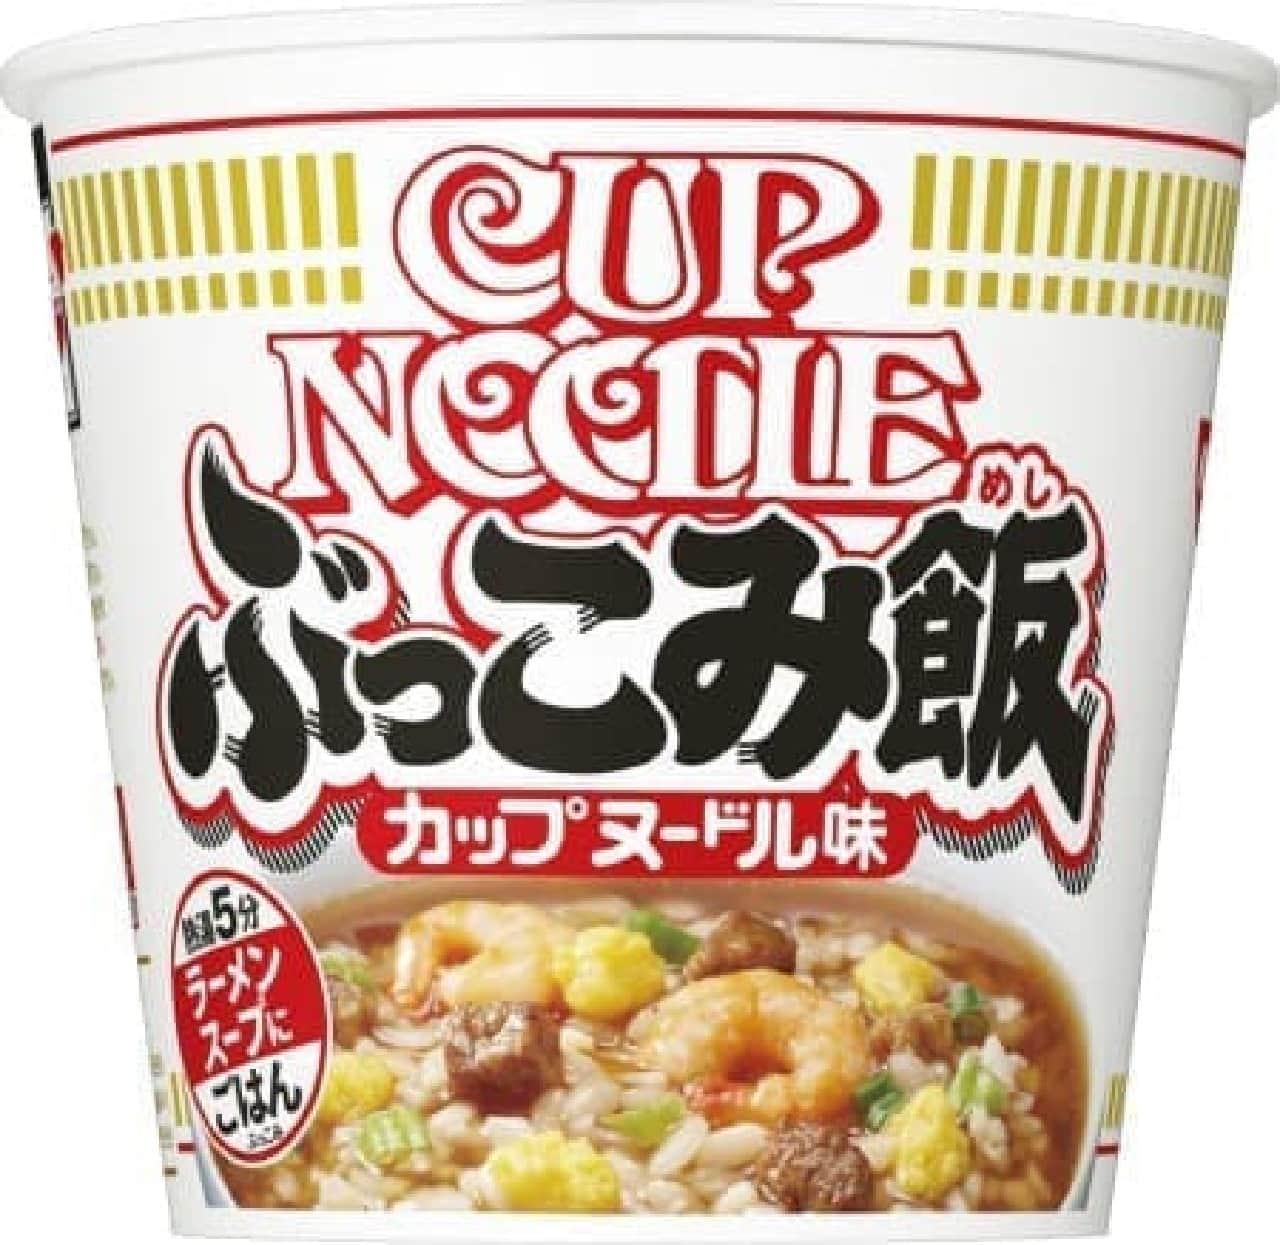 日清食品「カップヌードル ぶっこみ飯」